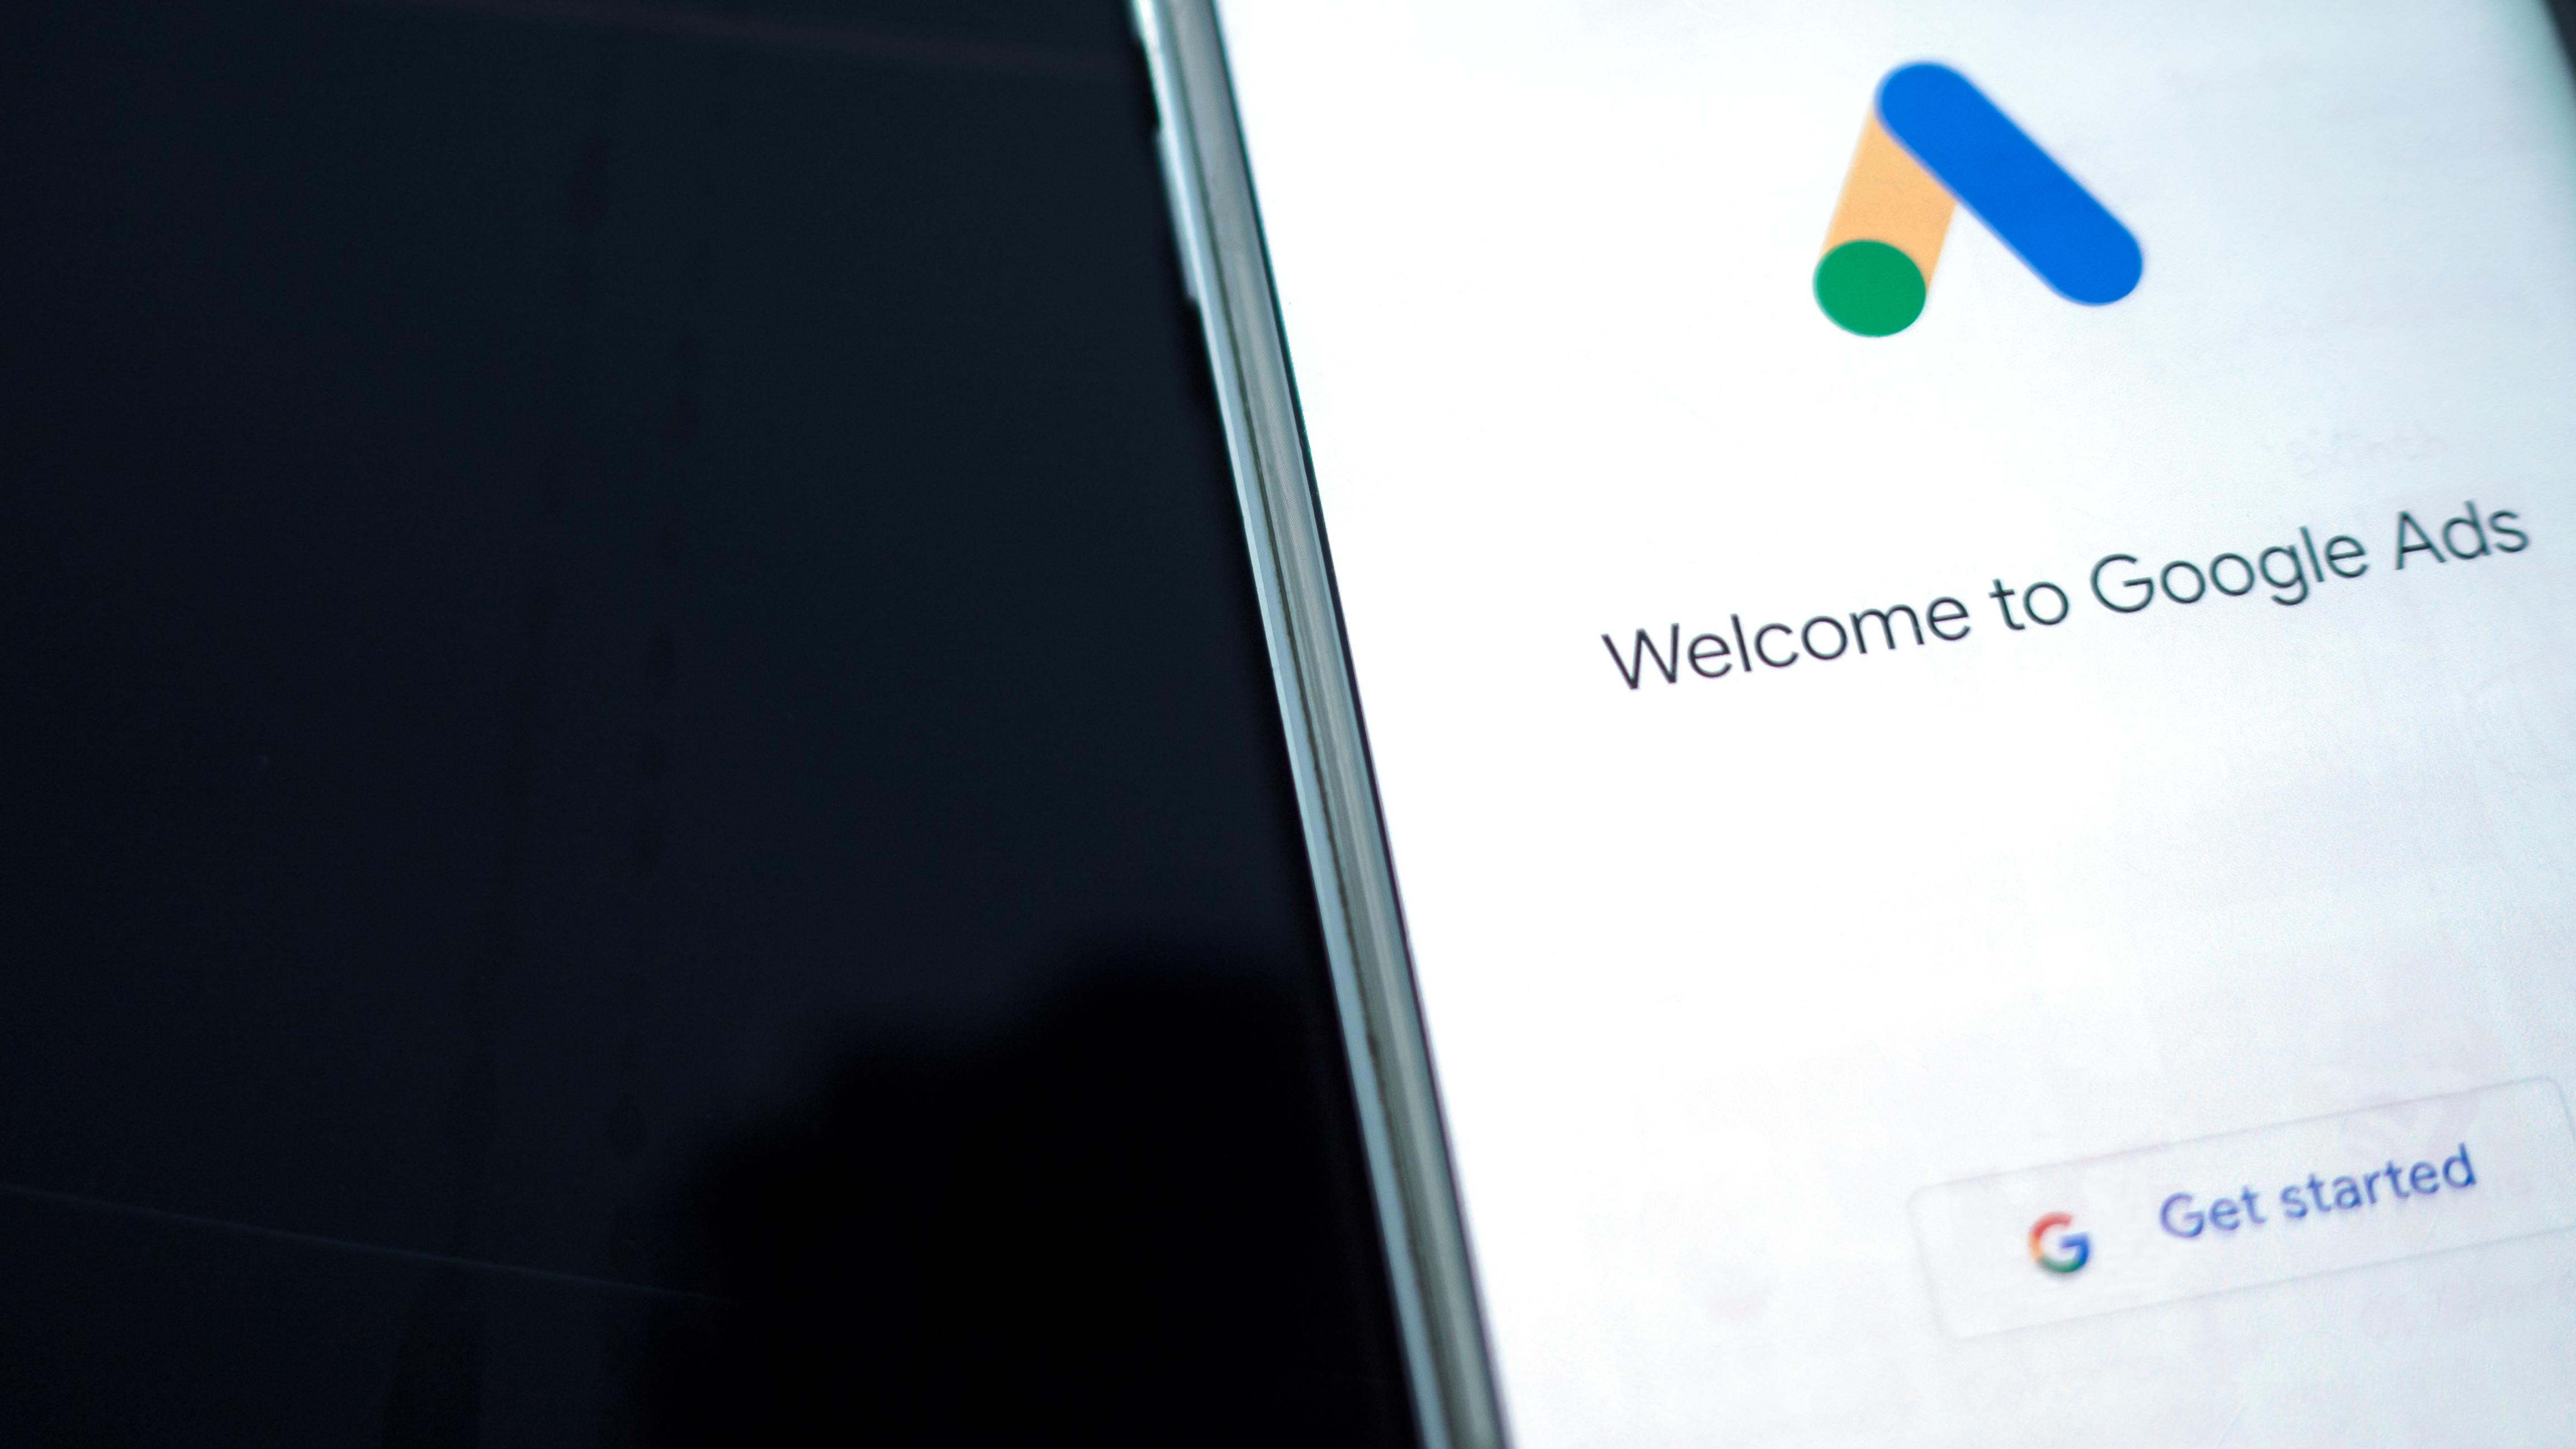 [Google Ads] Bientôt la fin des annonces ETA ?